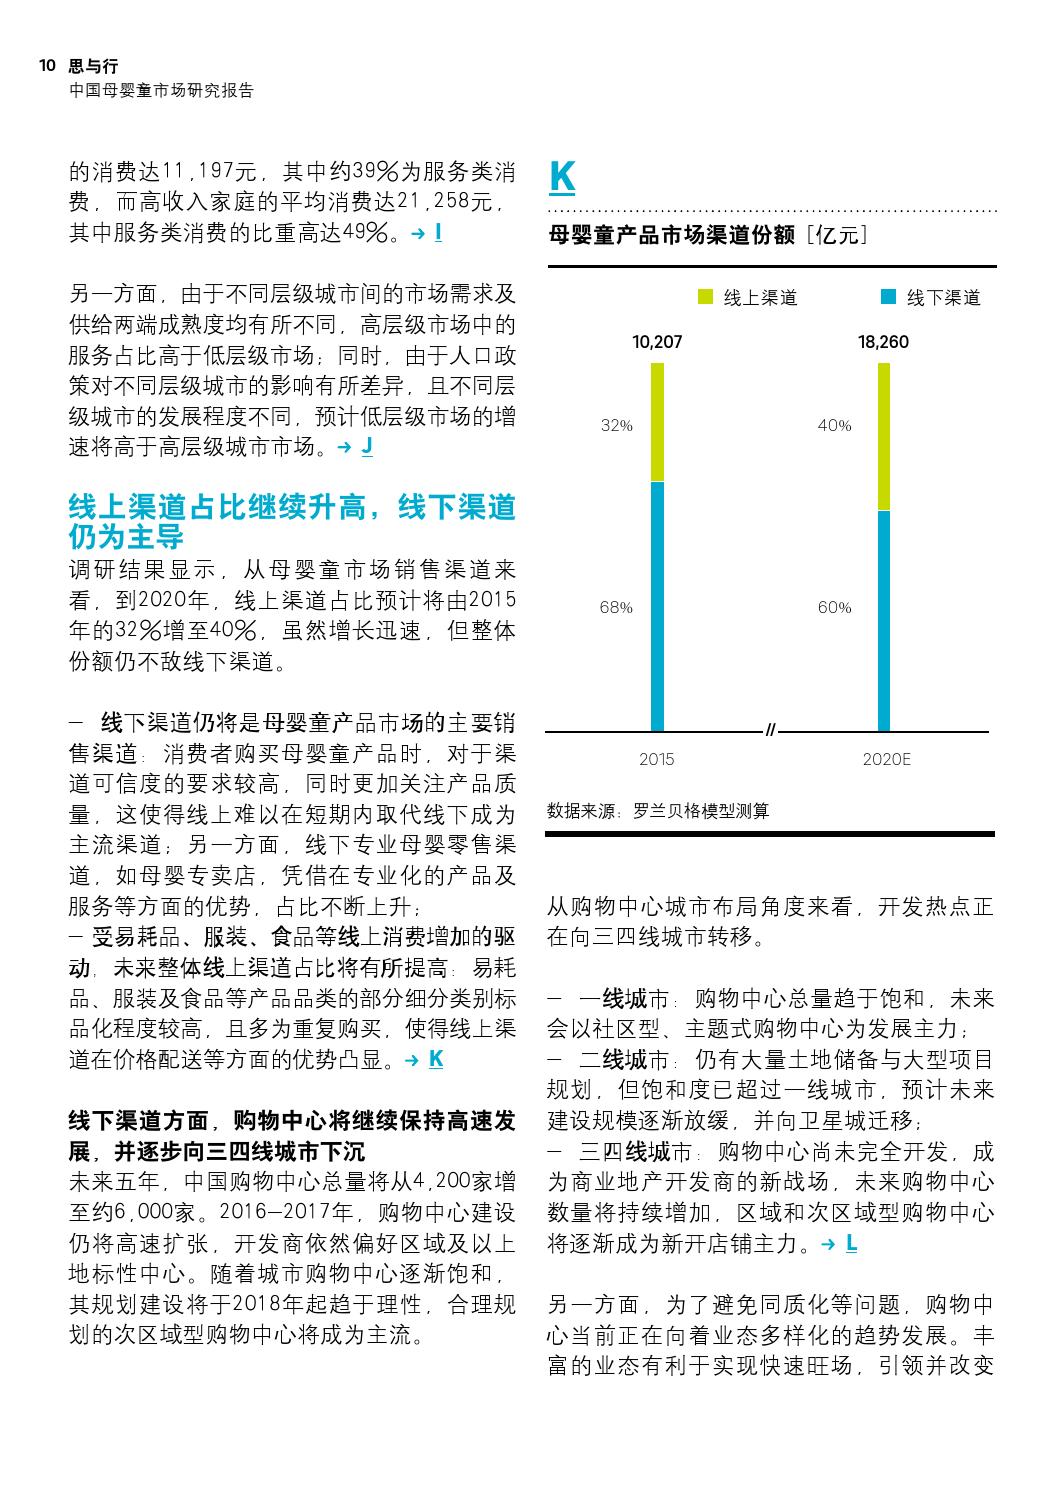 罗兰贝:2016中国母婴童市场研究报告_000010